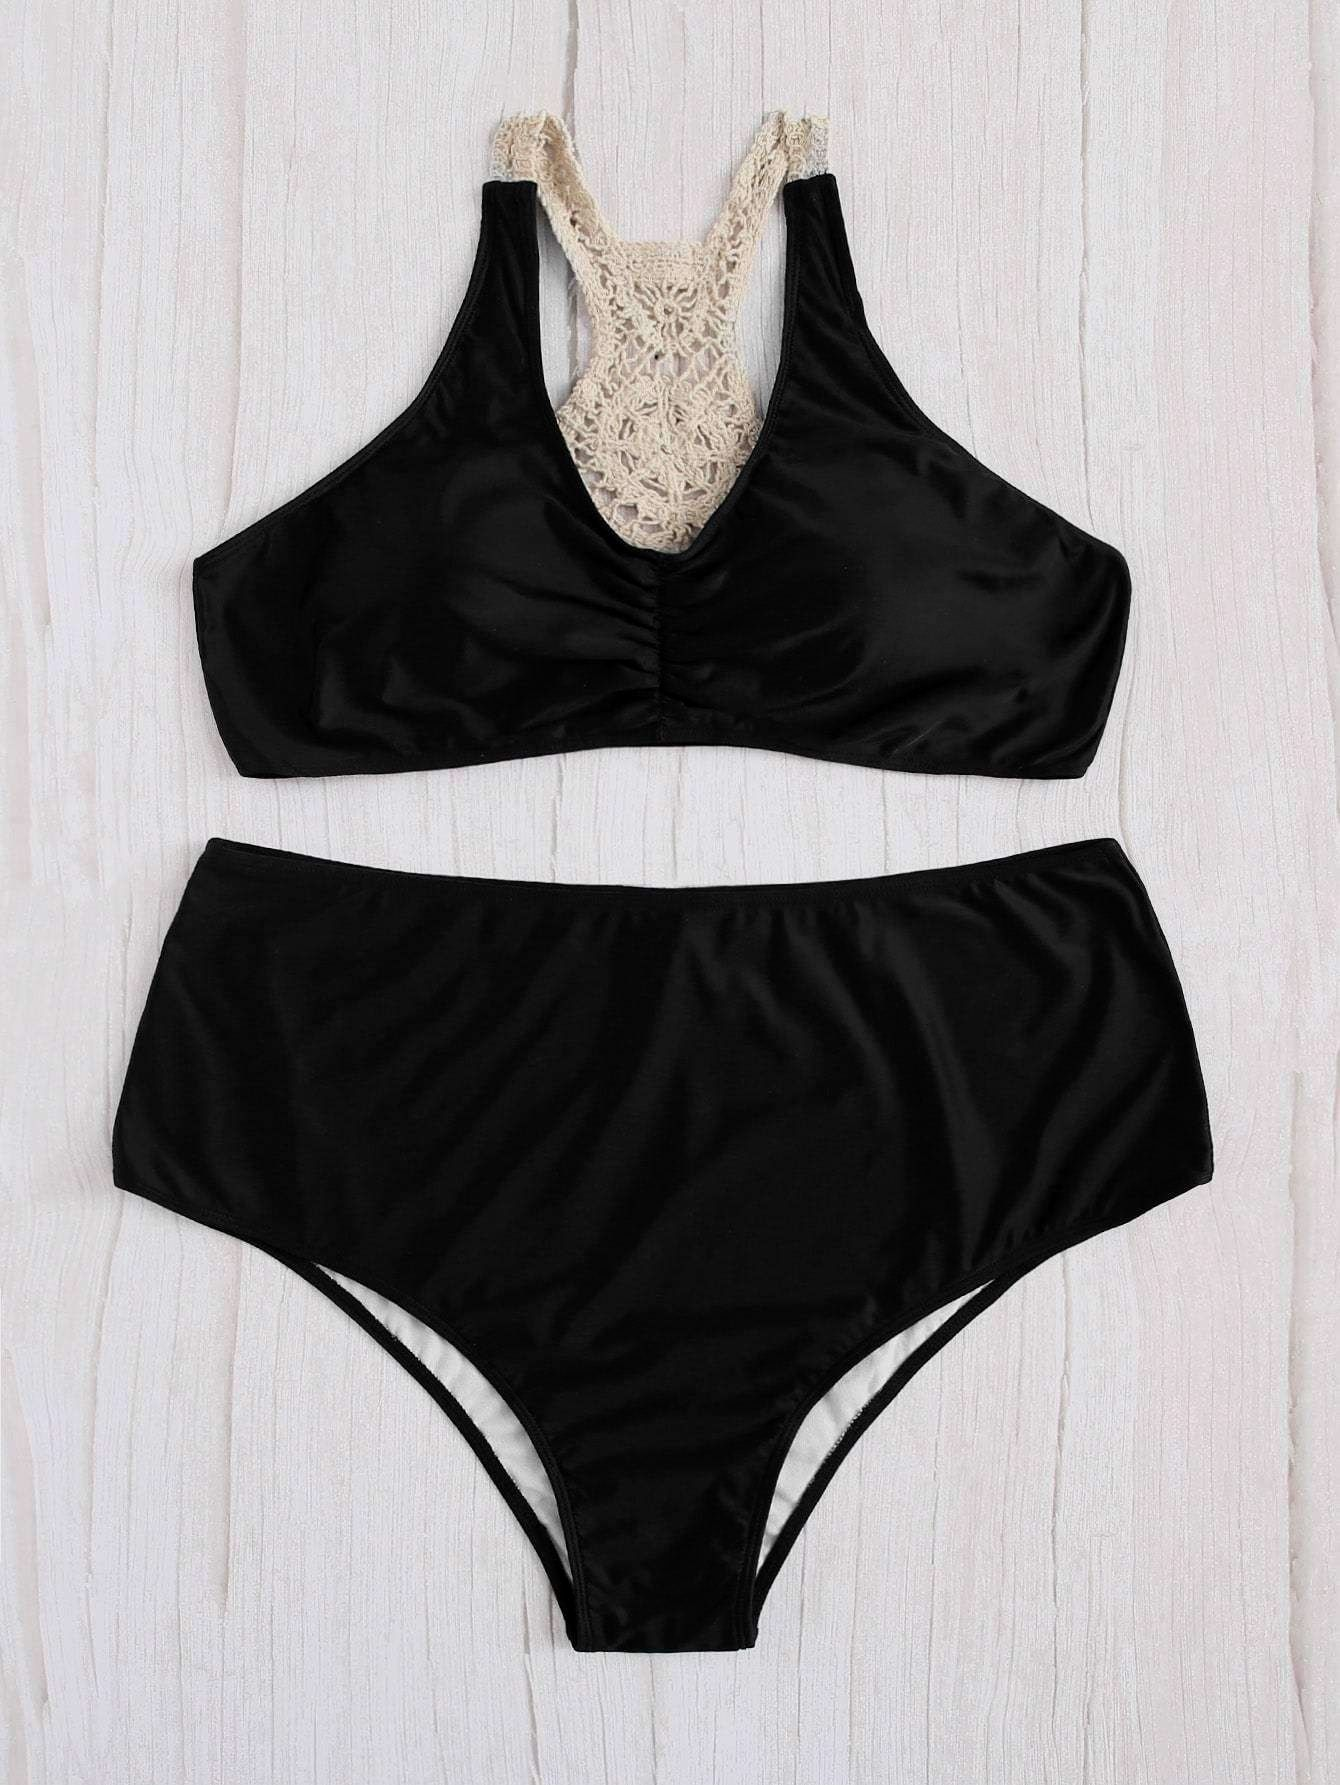 Plus Size Black Crochet Back Top Two Piece Bikini